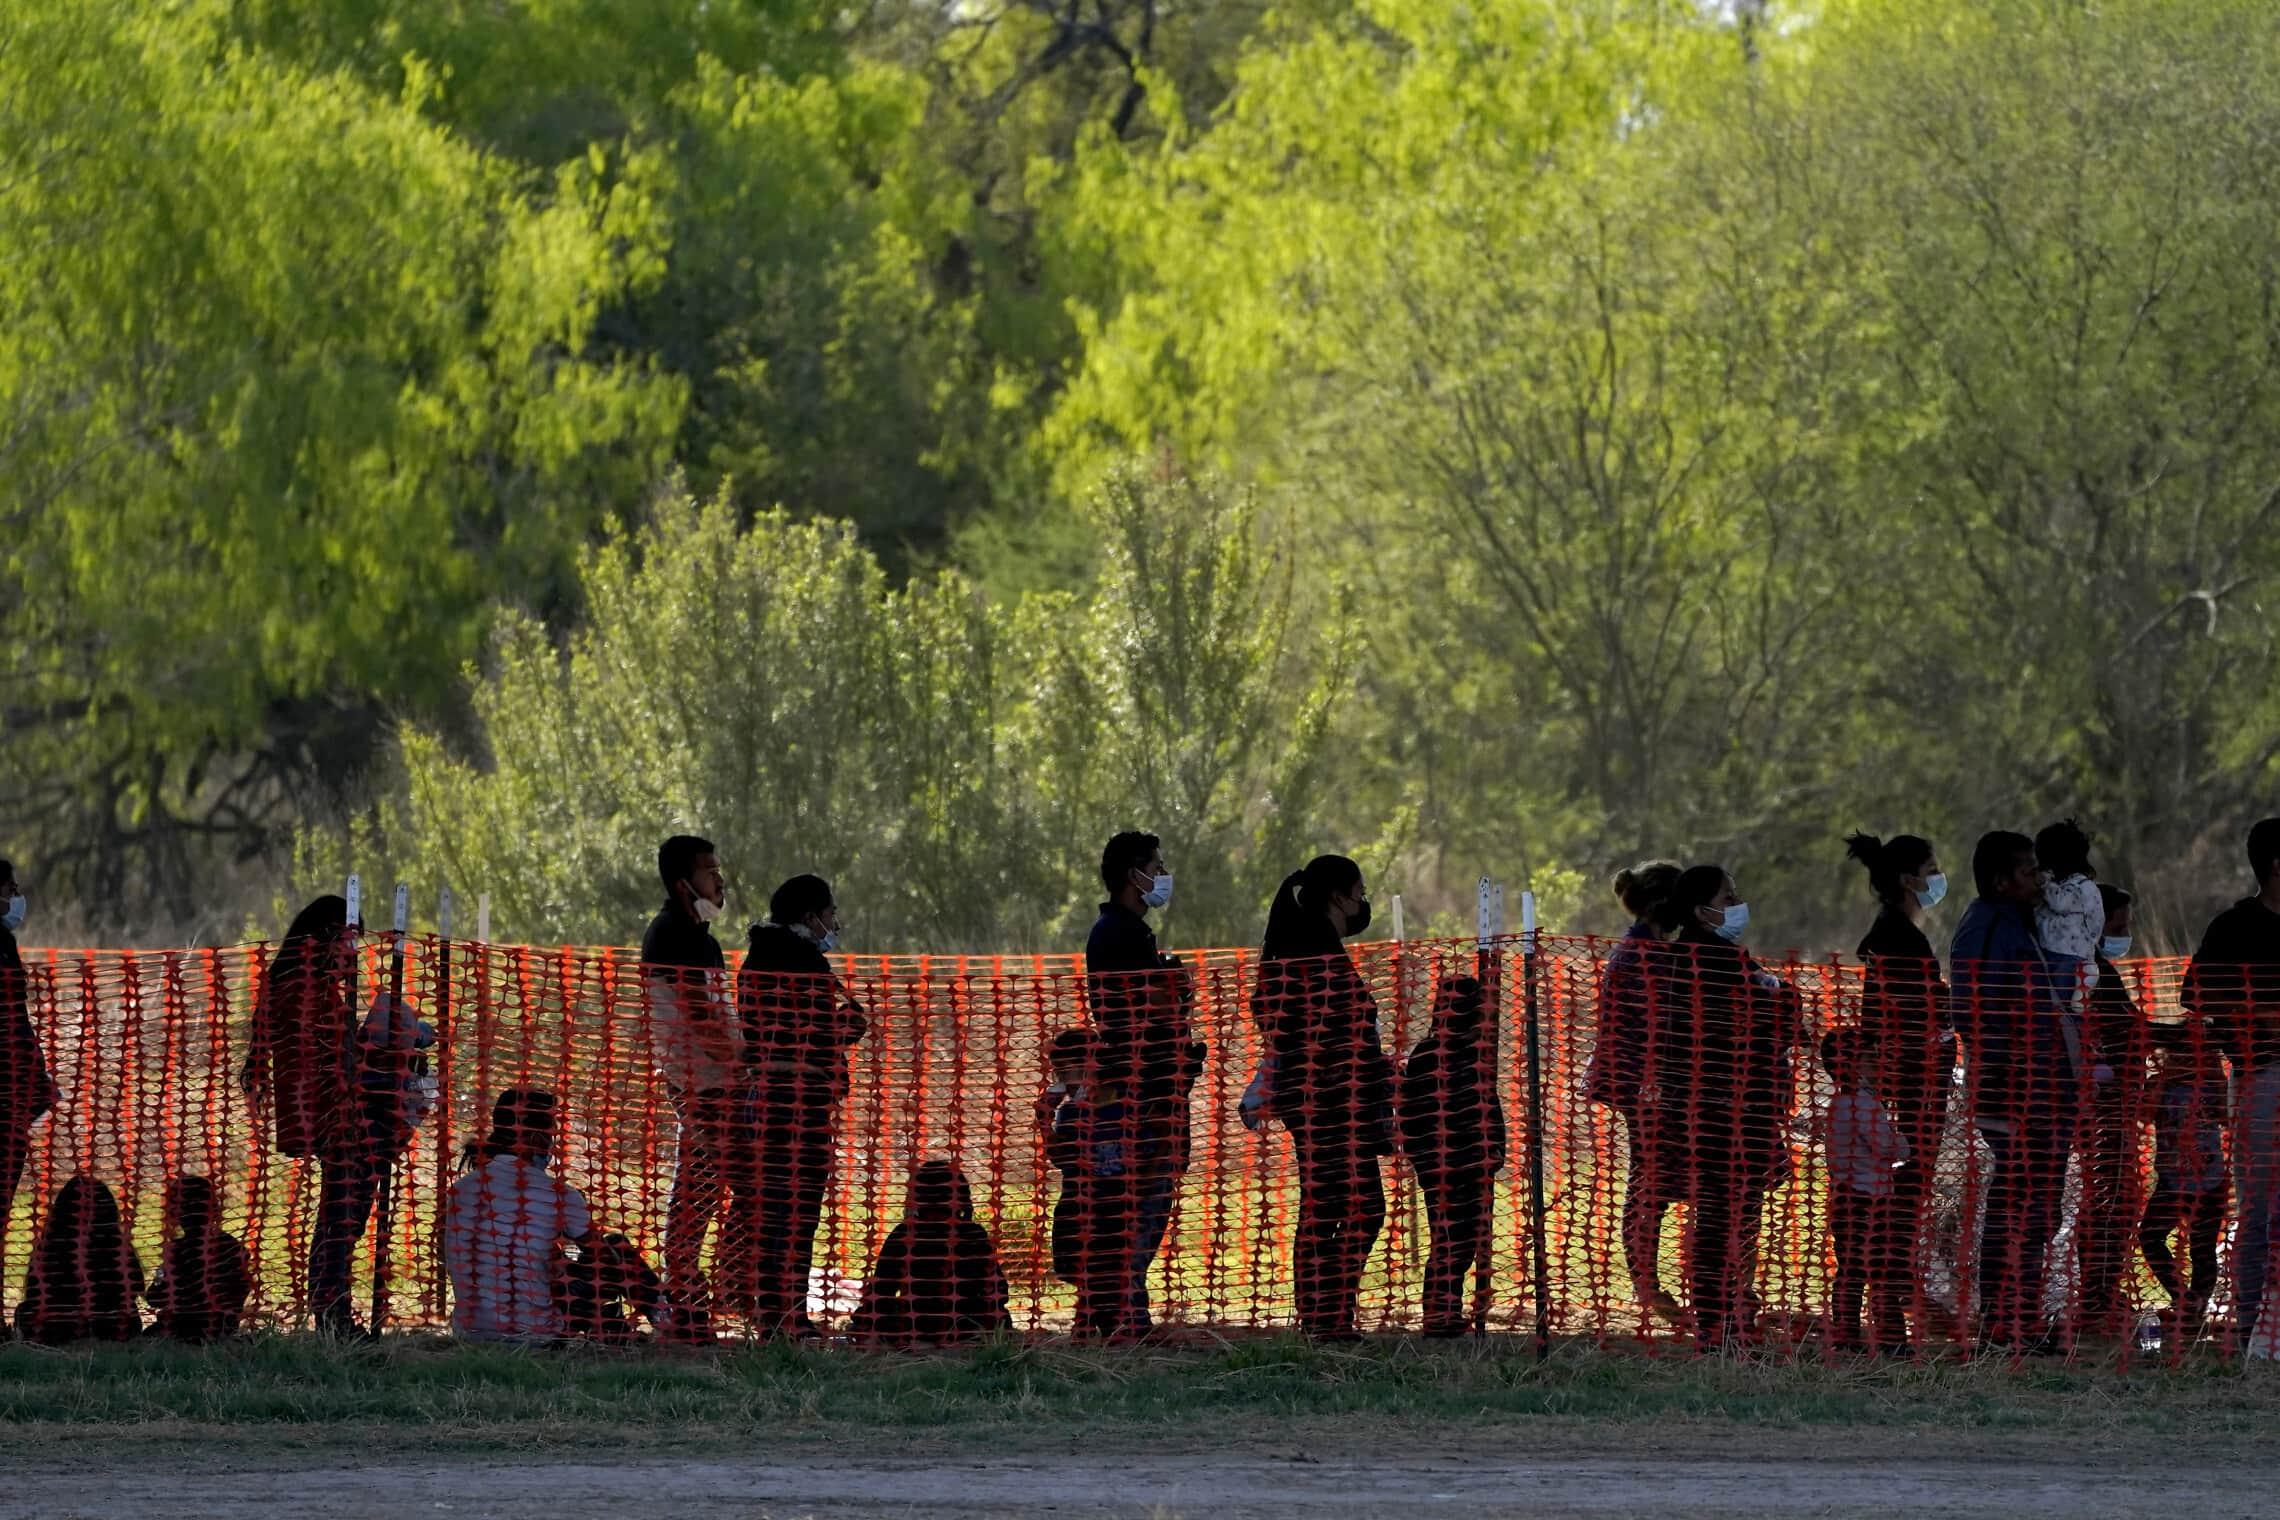 מהגרים מעוכבים במעבר גבול בטקסס, 19 במרץ 2021 (צילום: AP Photo/Julio Cortez)